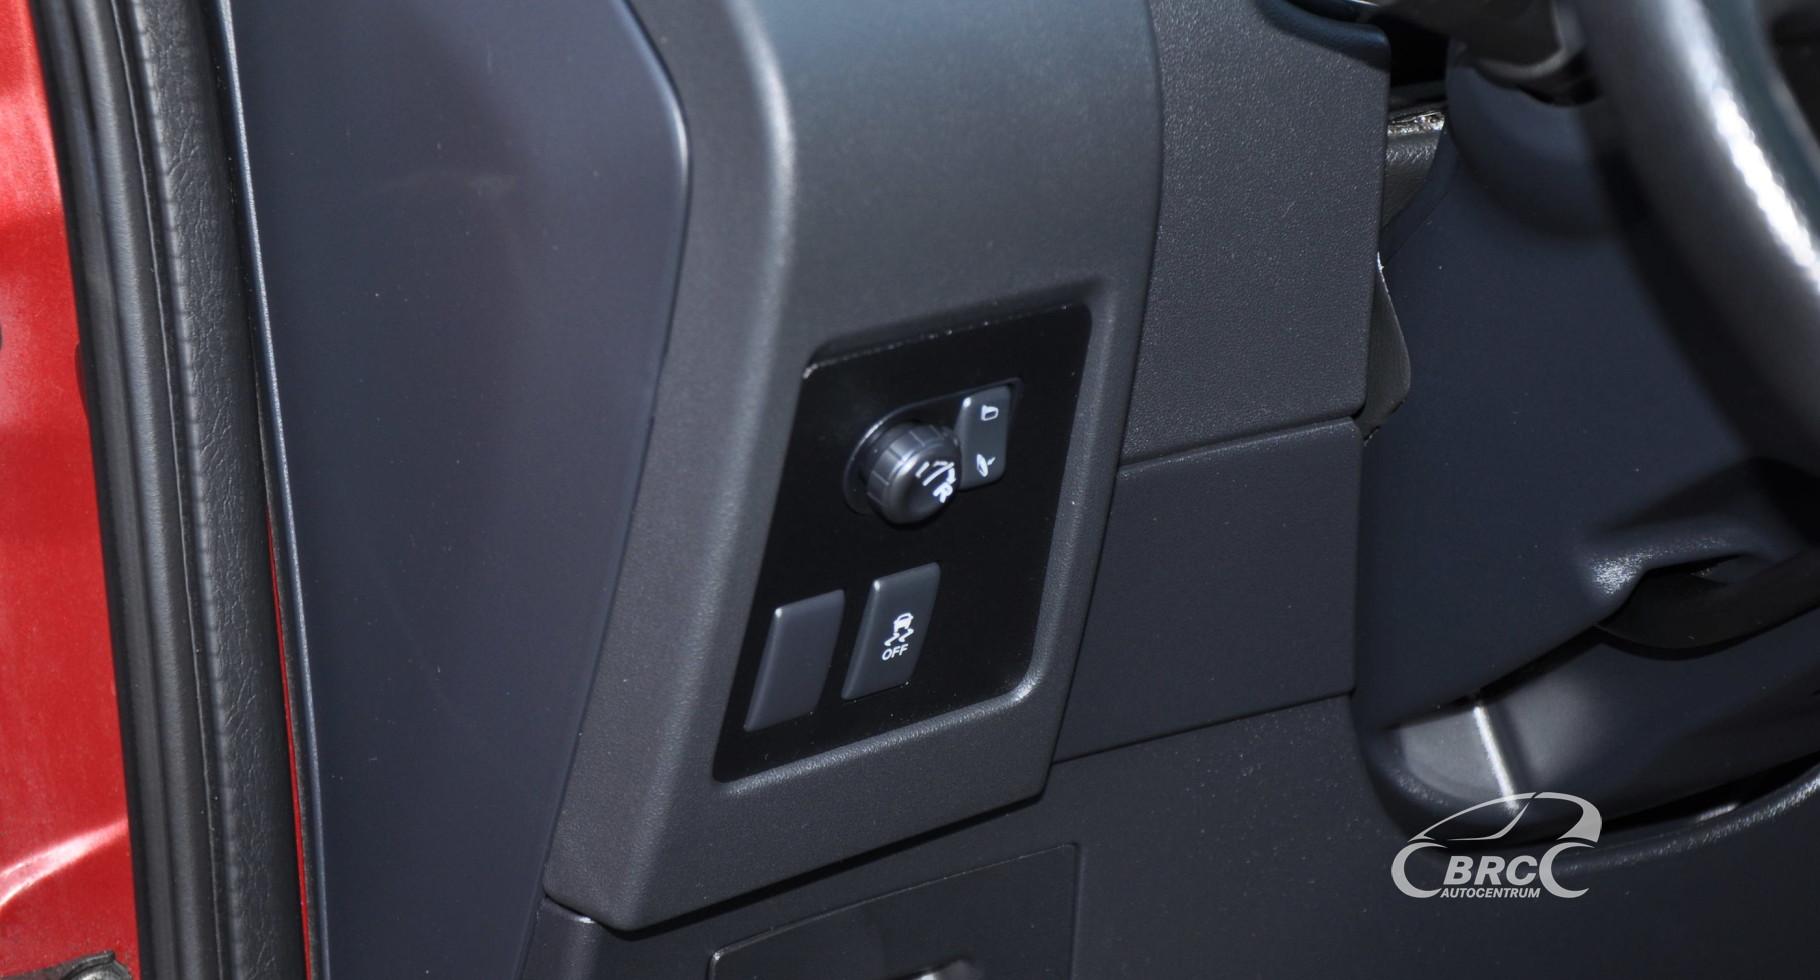 Nissan Qashqai+2 2.0i 4x4 Automatas